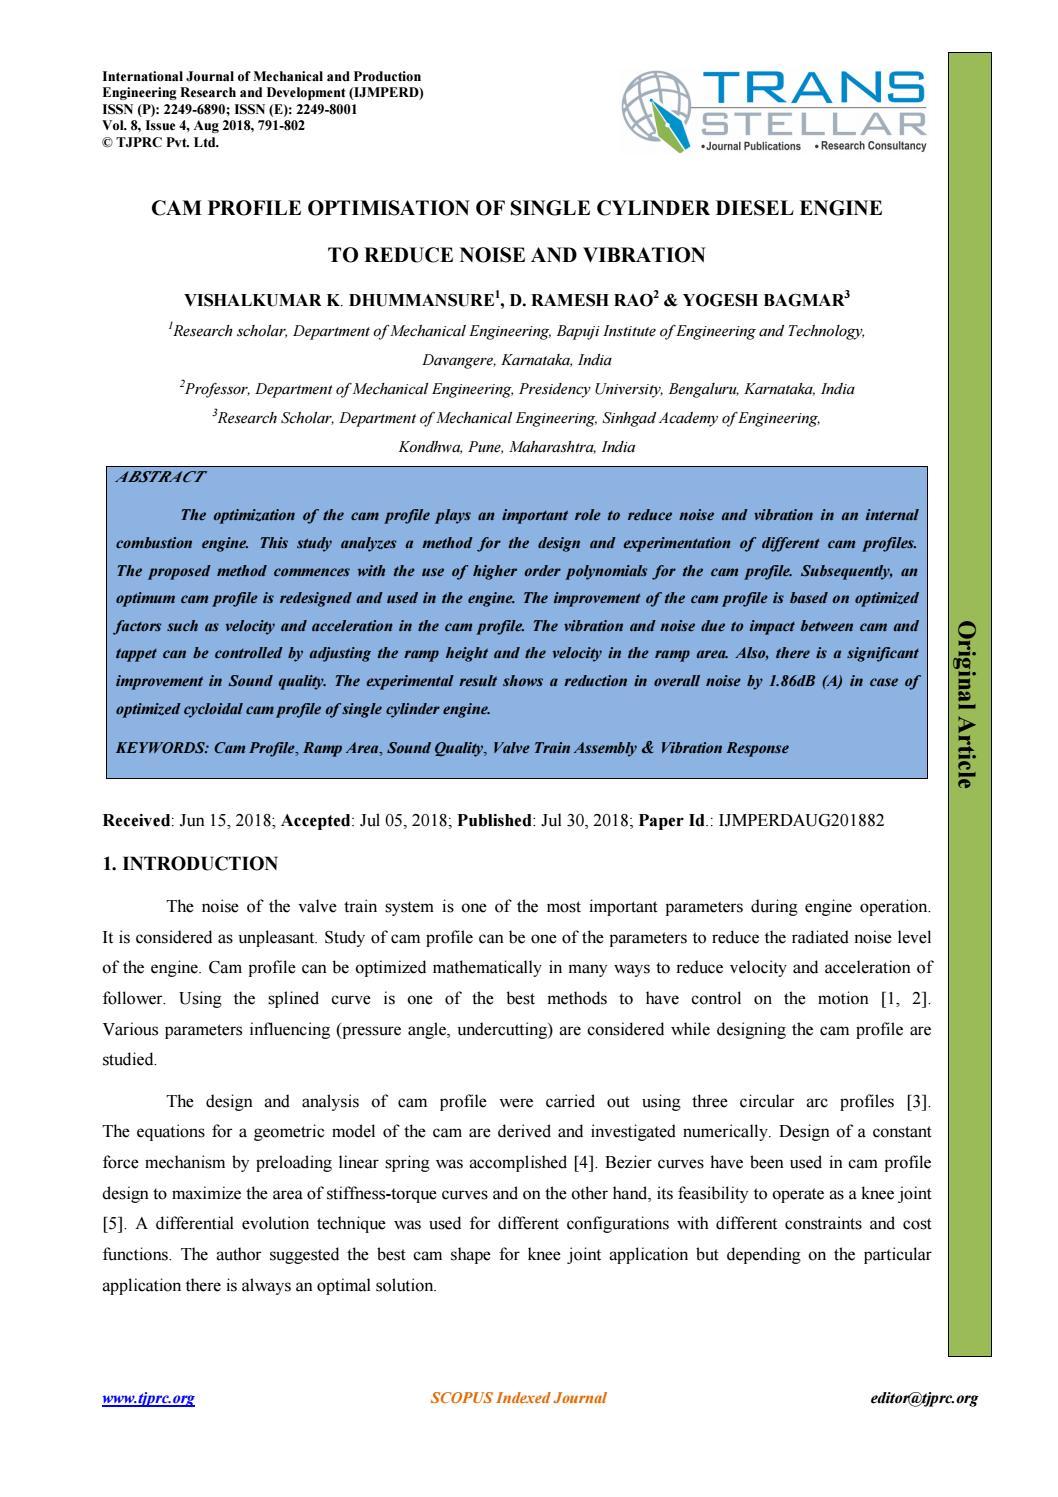 CAM PROFILE OPTIMISATION OF SINGLE CYLINDER DIESEL ENGINE TO